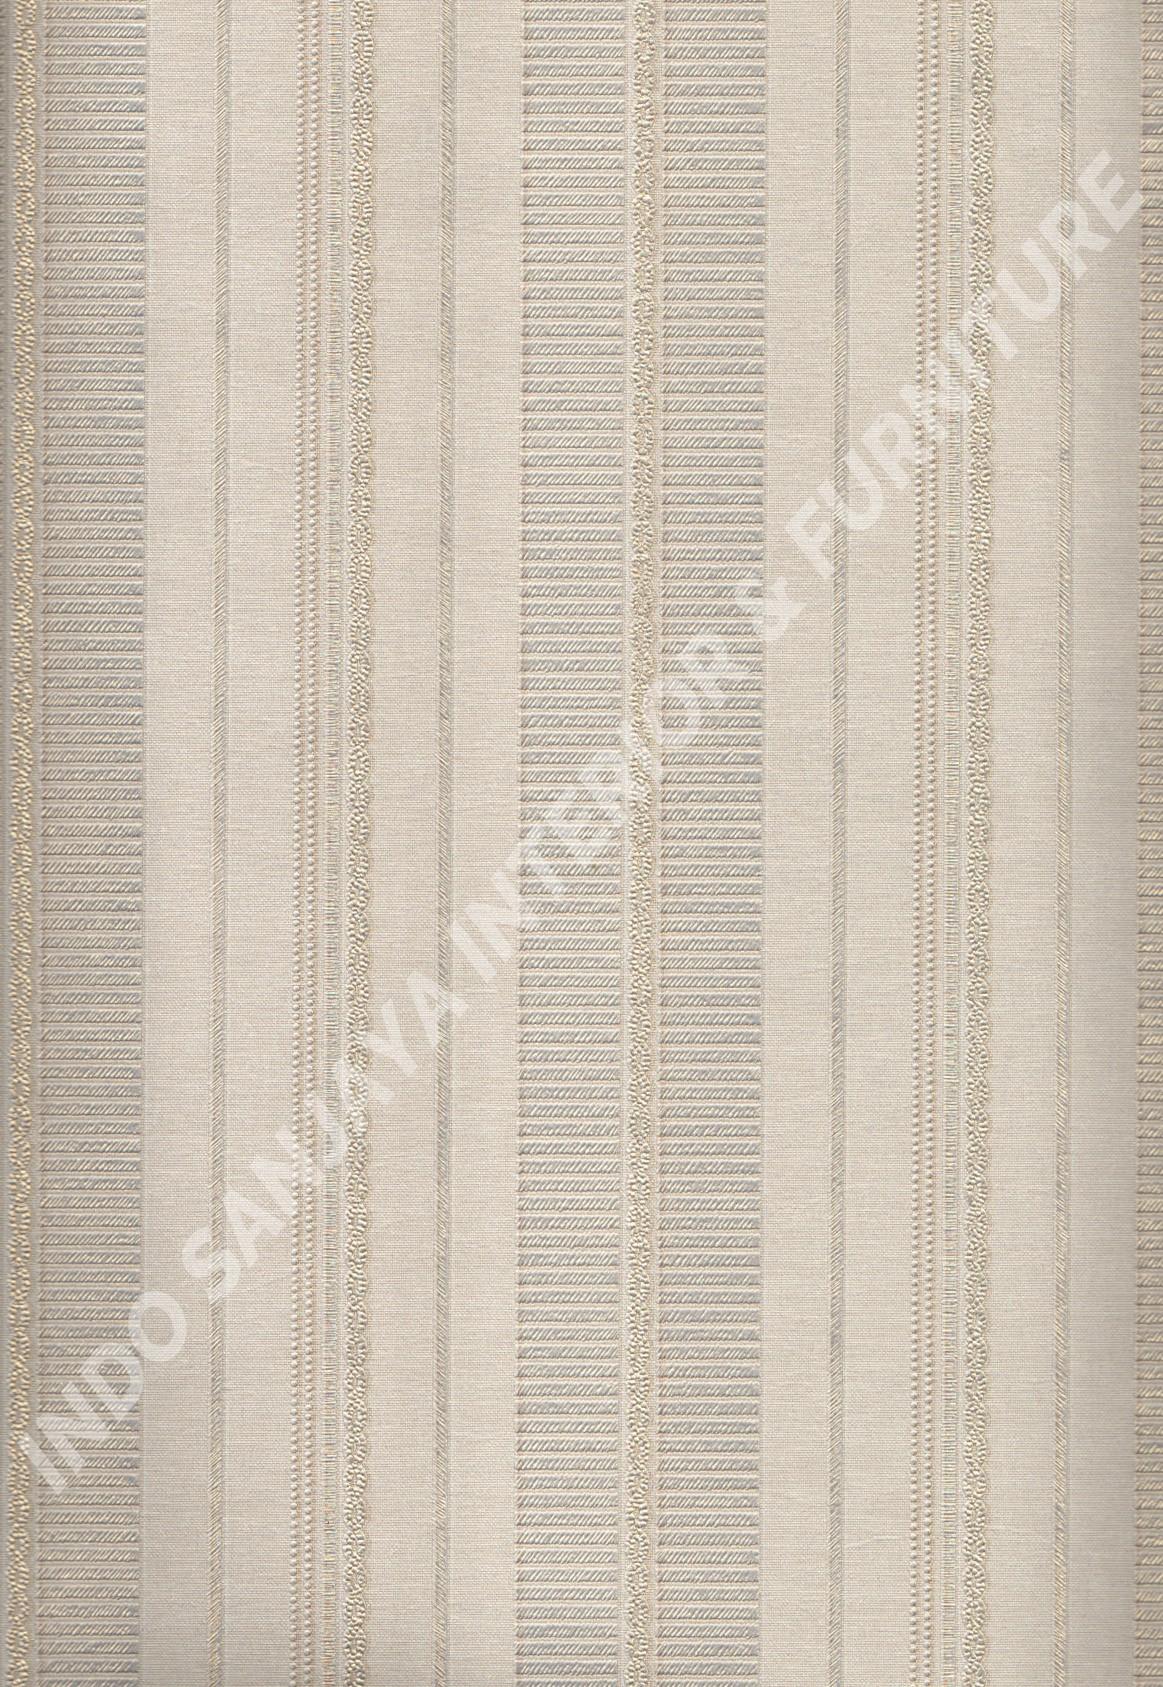 wallpaper   Wallpaper Garis 4004-2:4004-2 corak  warna